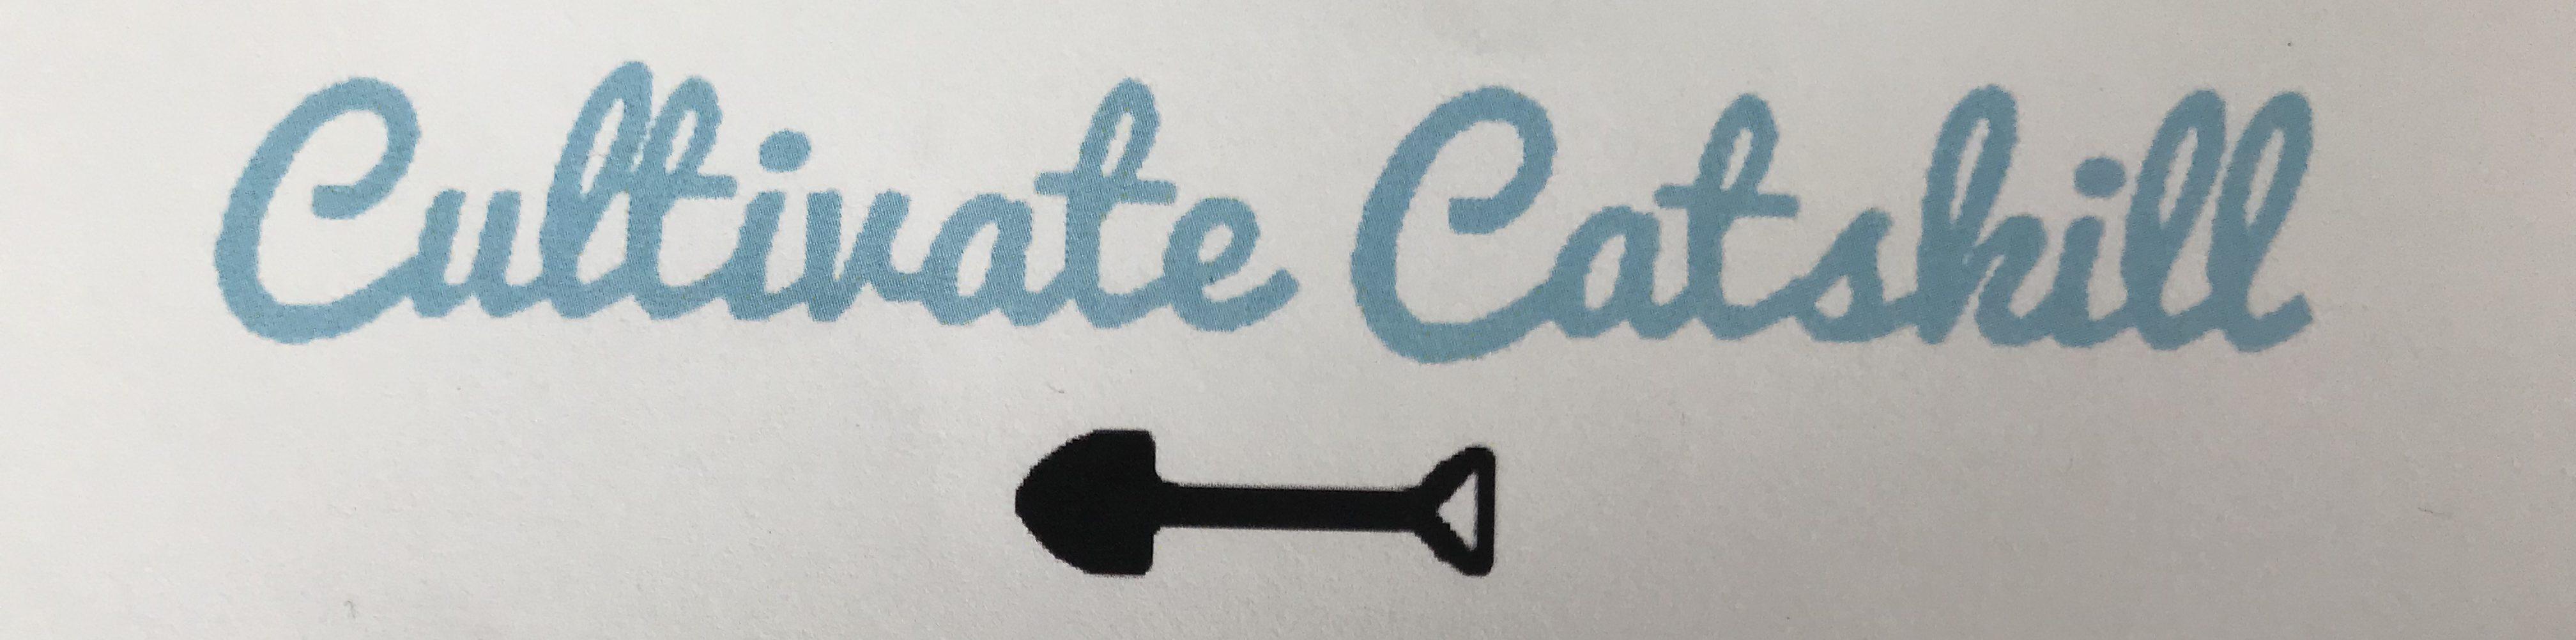 Cultivate Catskill